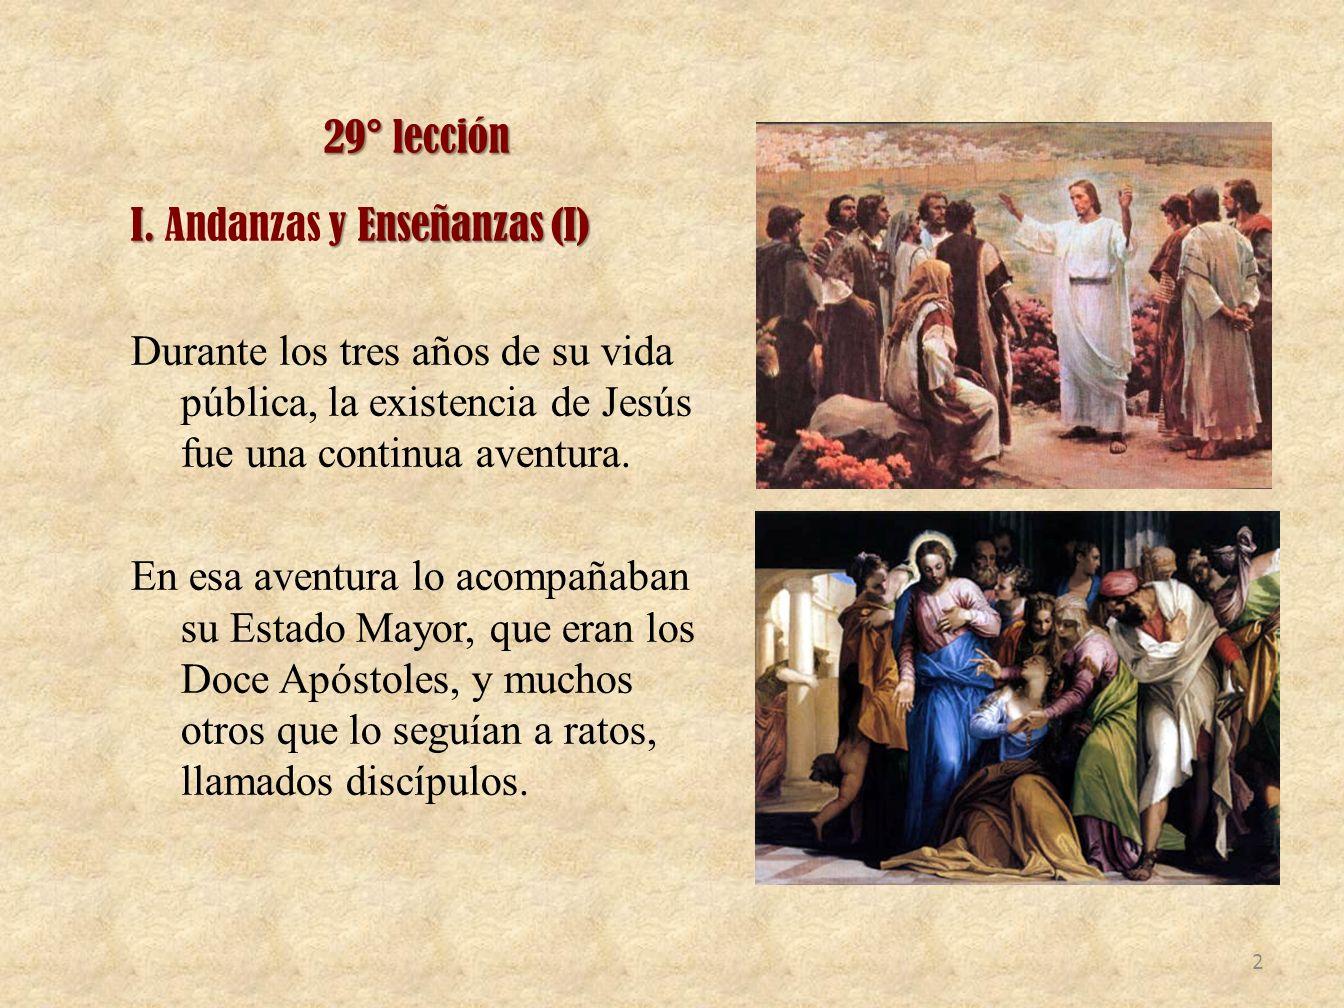 29° lección I. y Enseñanzas (I) I. Andanzas y Enseñanzas (I) Durante los tres años de su vida pública, la existencia de Jesús fue una continua aventur